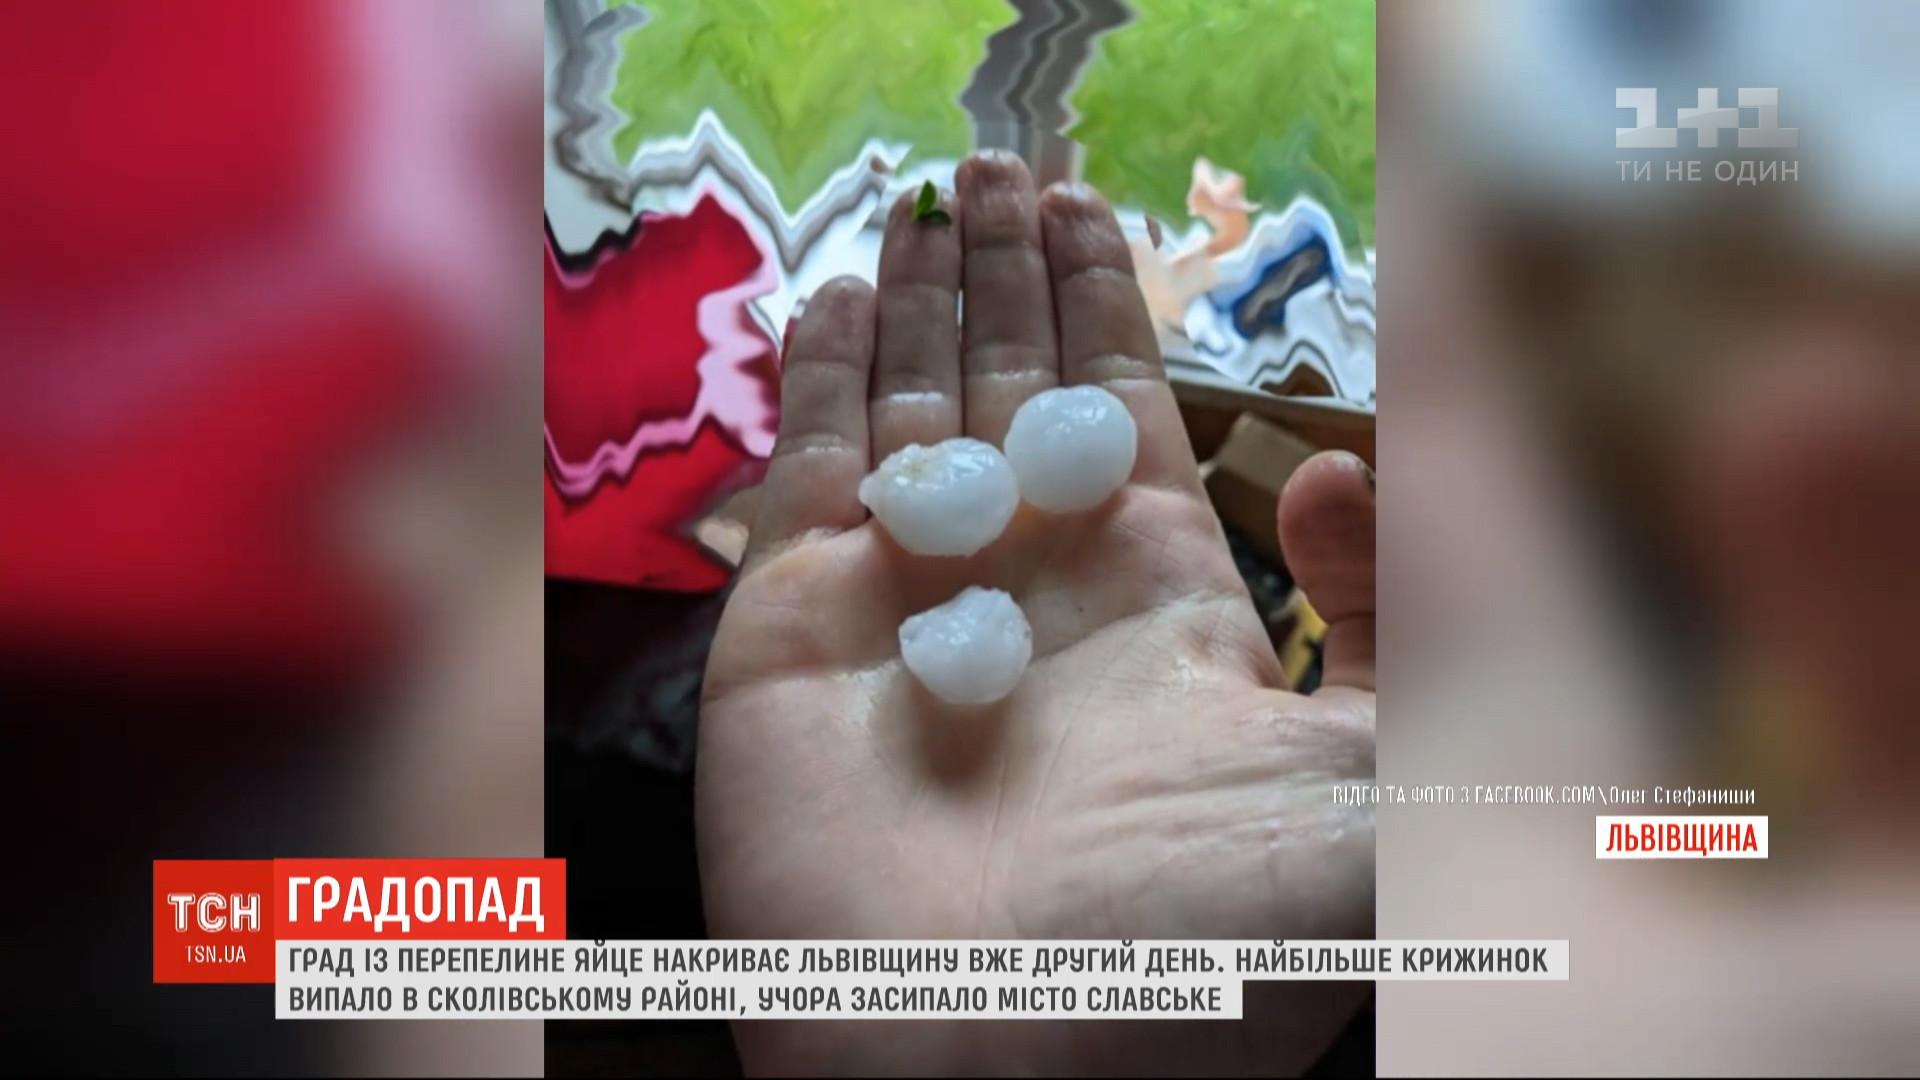 Об ухудшении погоды синоптики предупреждали / скриншот